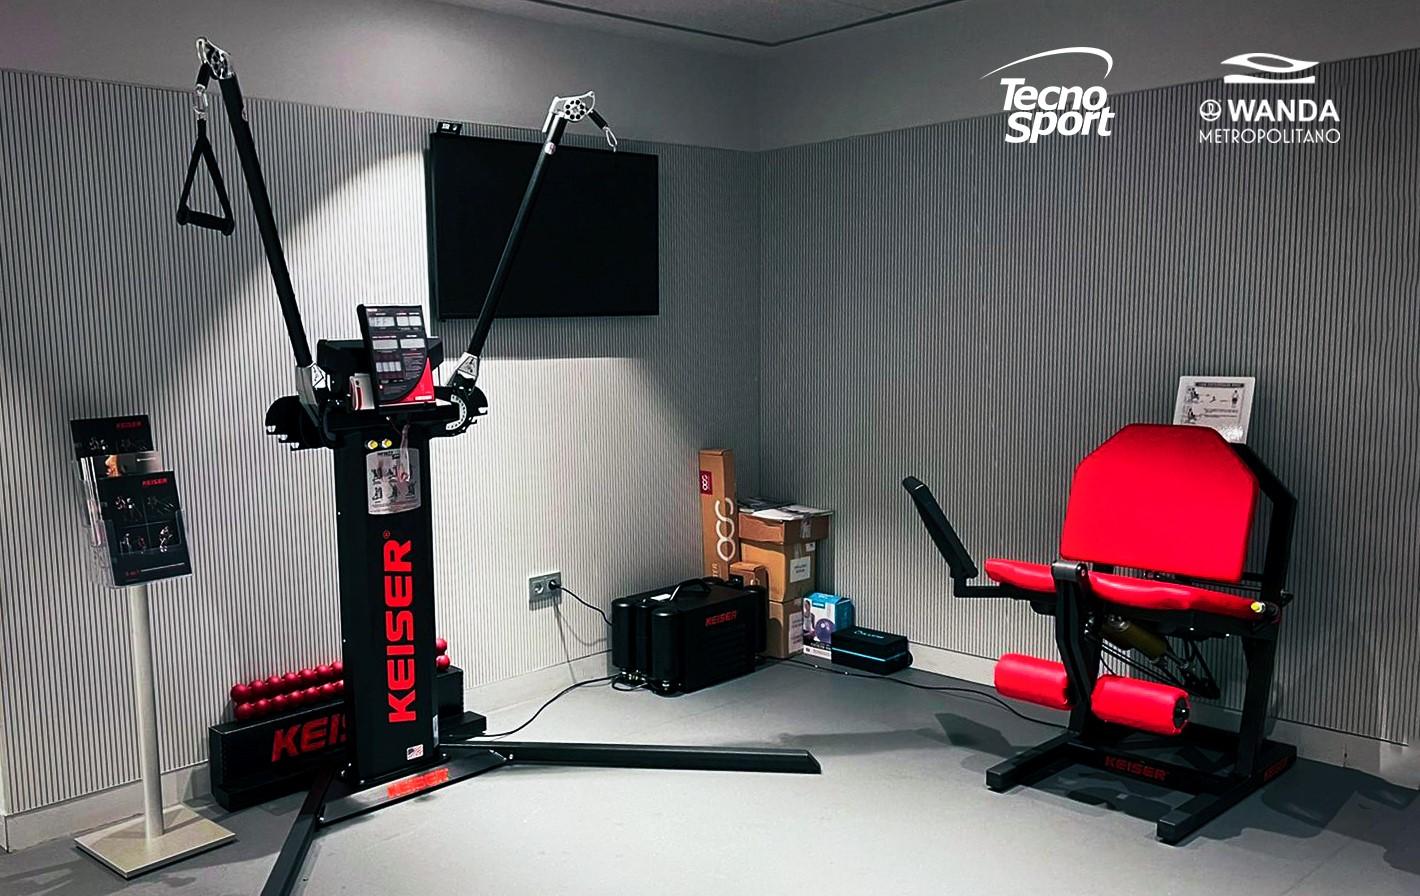 Tecno Sport presenta la tecnología neumática de Keiser en el Congreso Fisiofocus